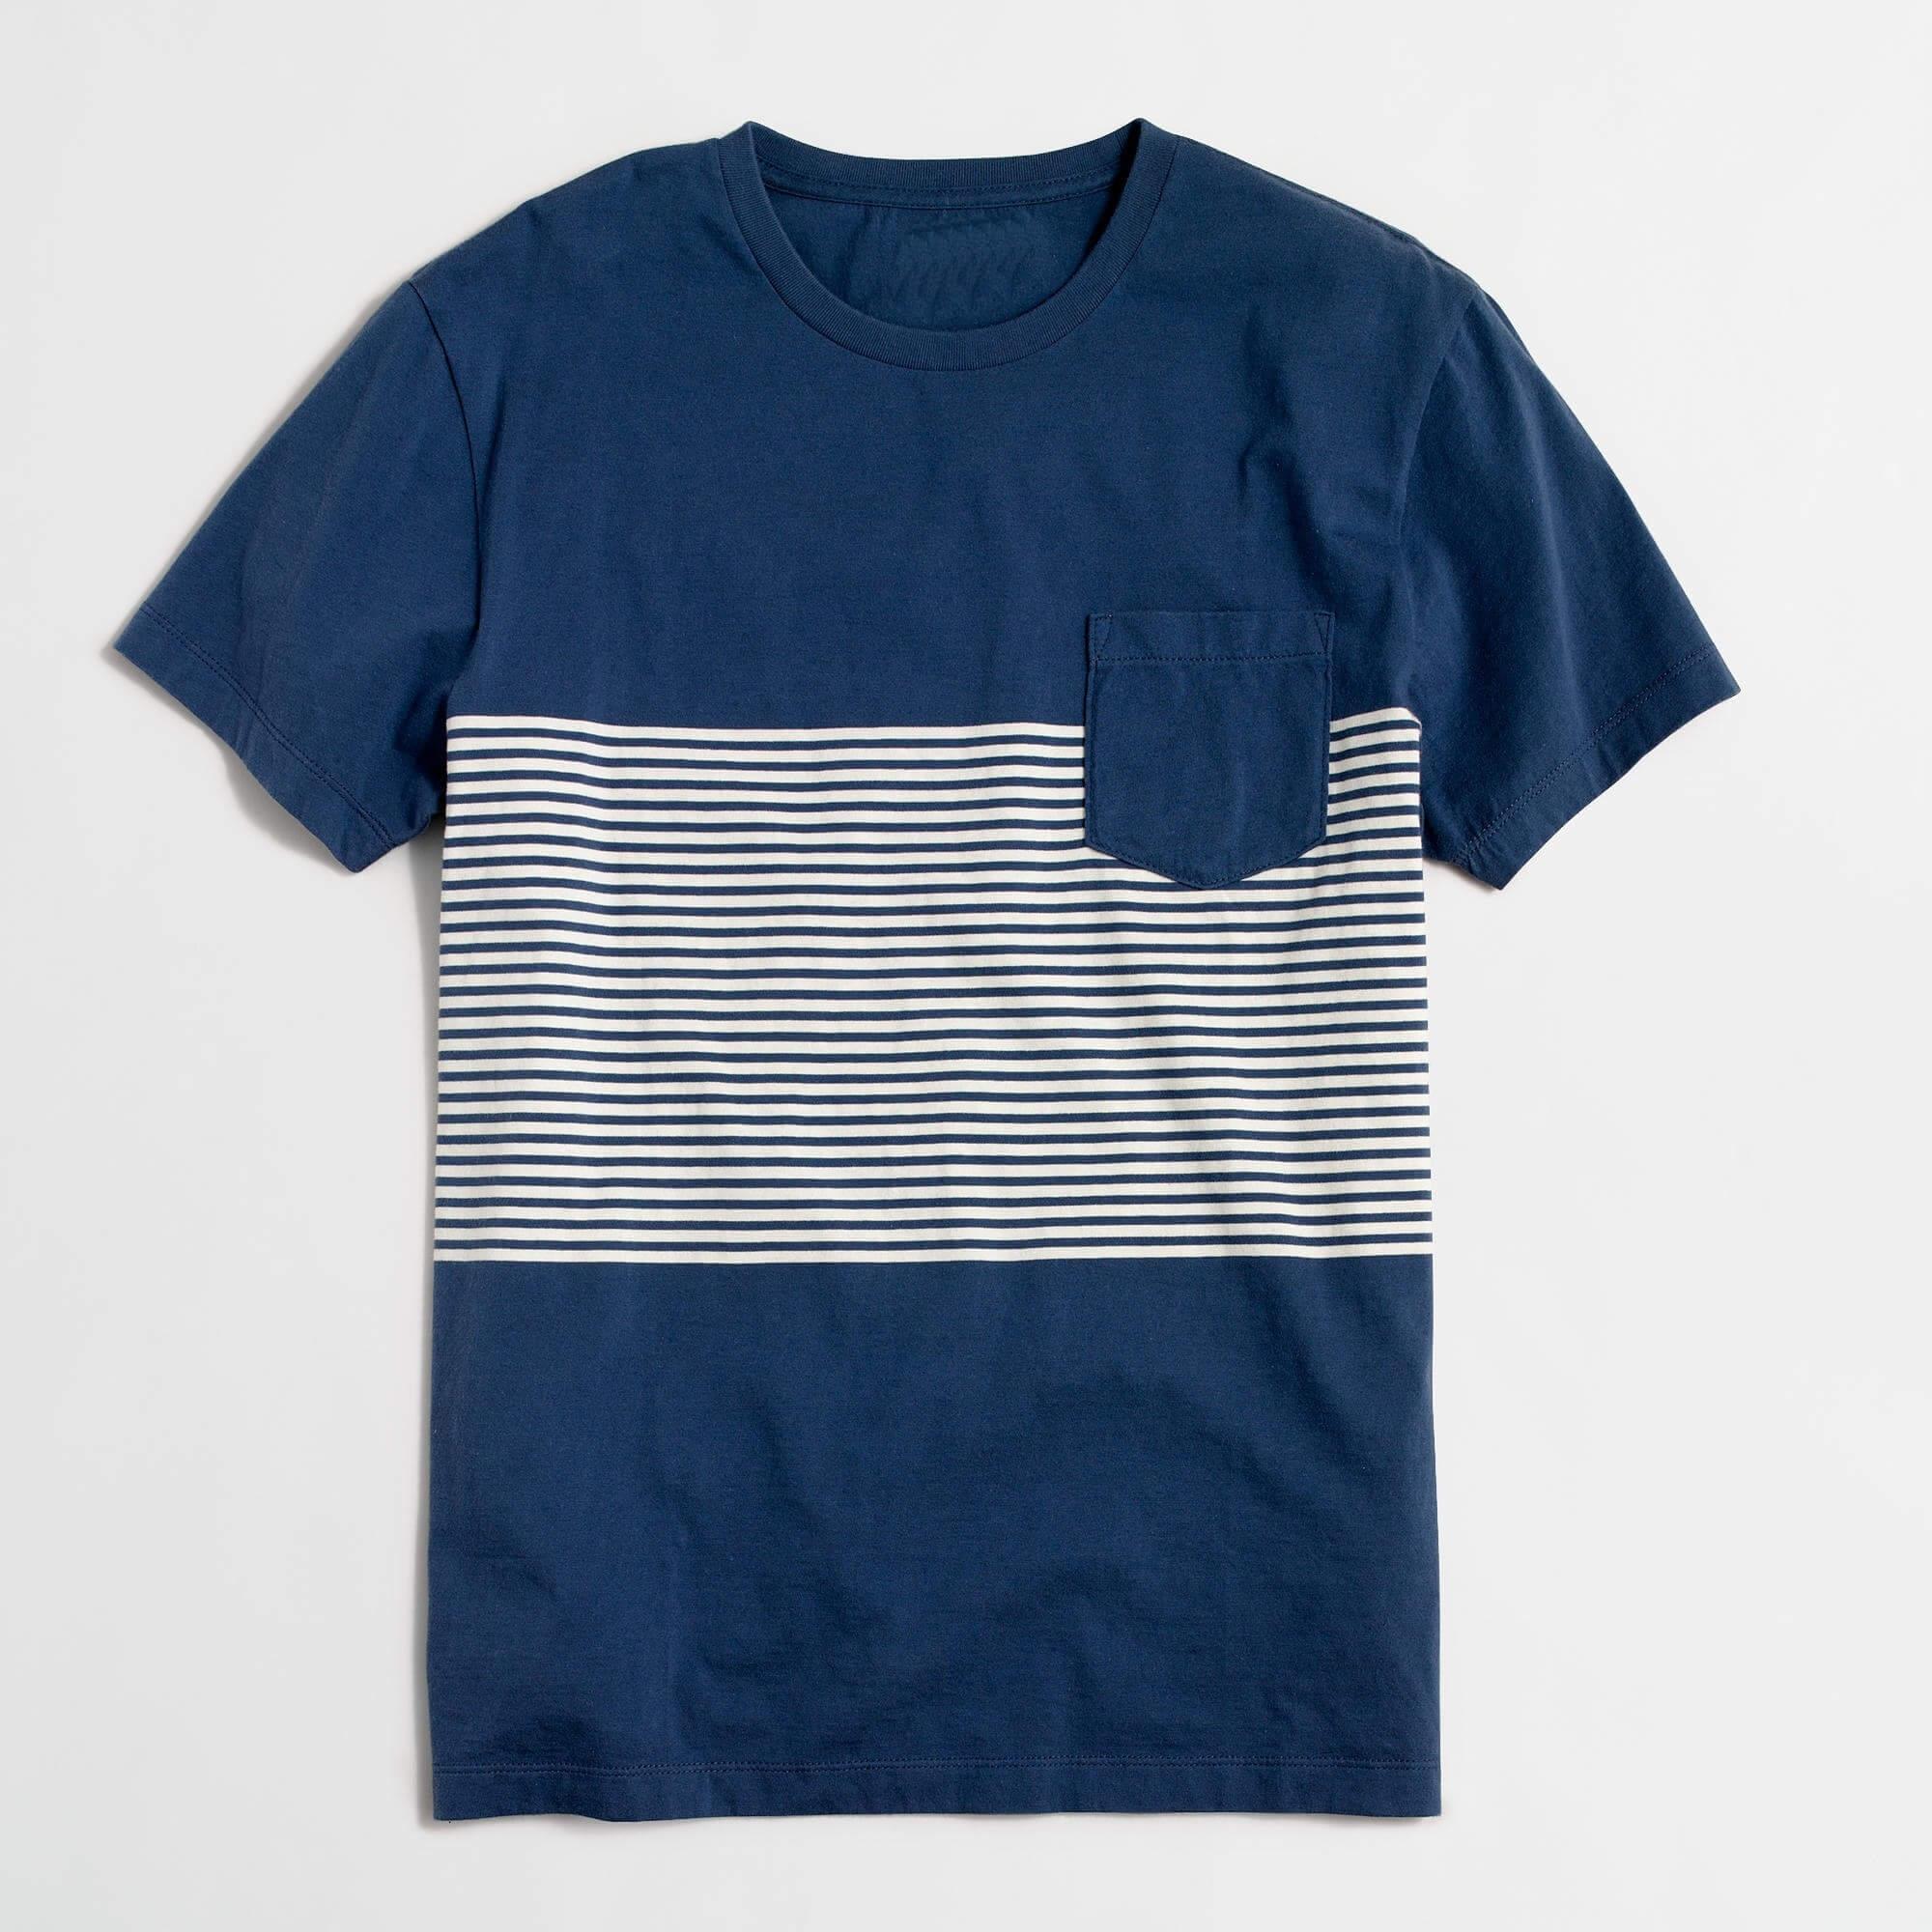 Men Cut-sew T-shirt Manufacturer Supplier, Wholesale Plain T-shirts Supplier Malaysia, T-shirts Manufacturer, Uniforms wholesale